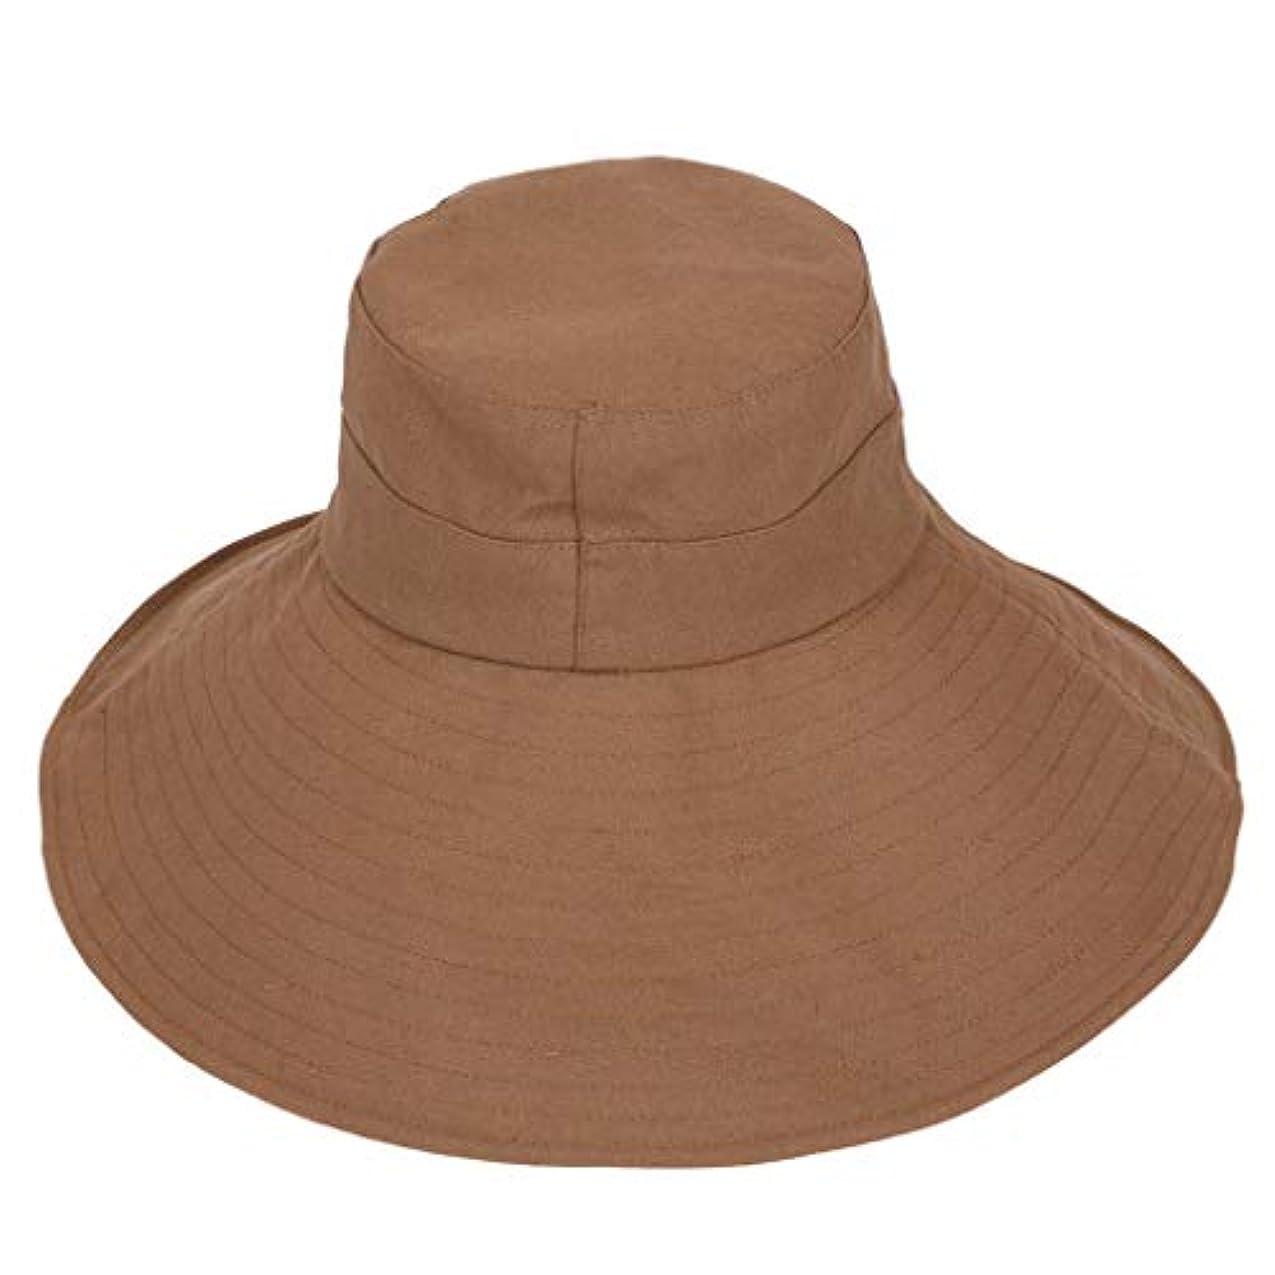 ドーム広大なマーチャンダイジング漁師帽 ROSE ROMAN 帽子 レディース UVカット 帽子 UV帽子 日焼け防止 軽量 熱中症予防 取り外すあご紐 つば広 おしゃれ 可愛い 夏季 海 旅行 無地 ワイルド カジュアル スタイル ファッション シンプル 発送